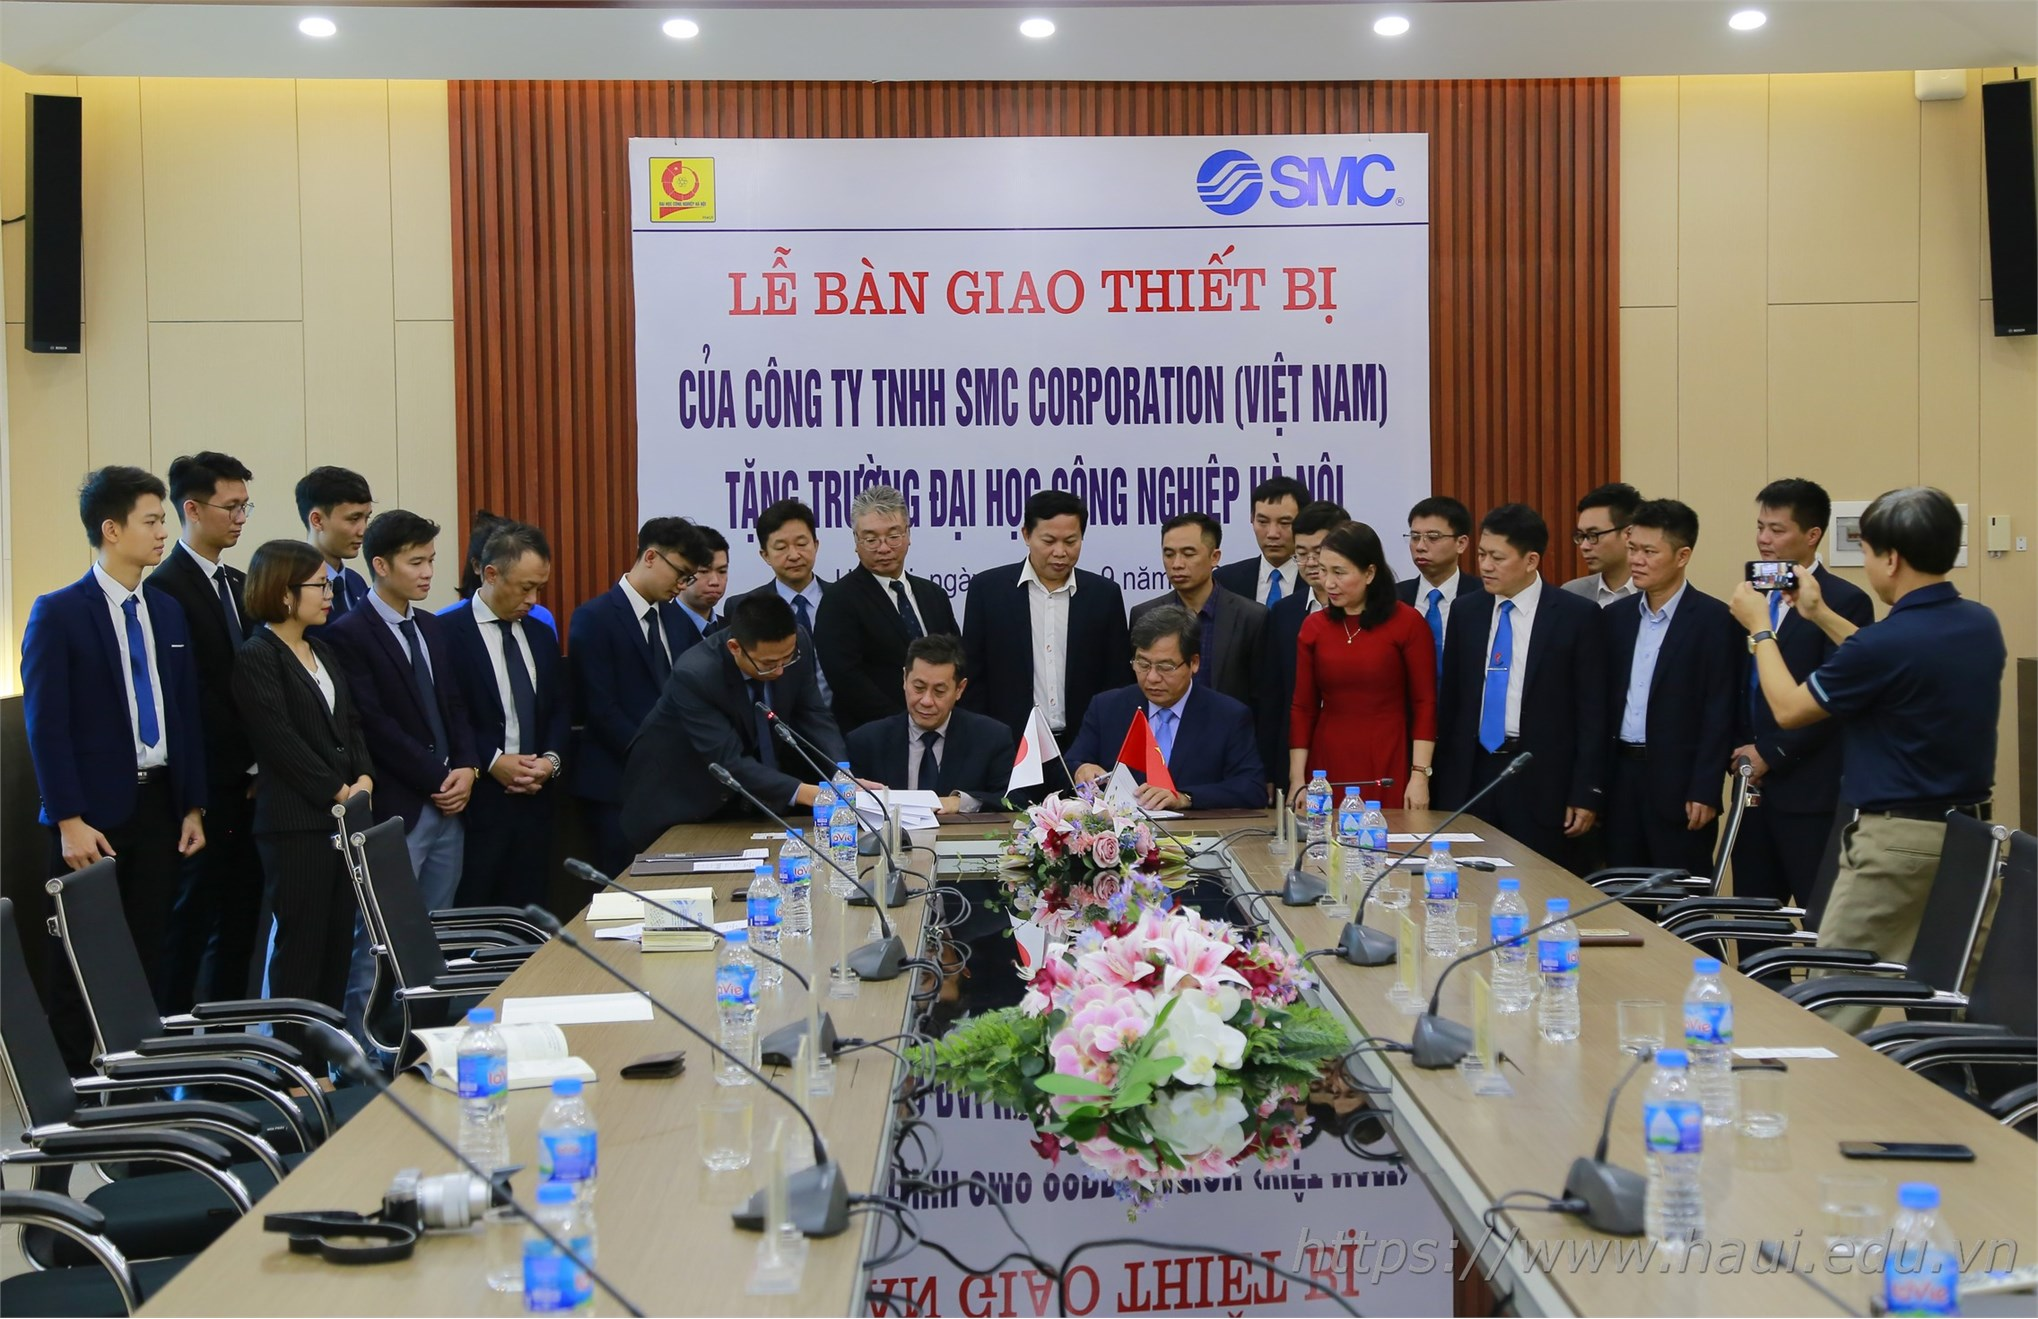 Đại học Công nghiệp Hà Nội nhận tài trợ thiết bị Phòng thực hành SMC Automation Lab